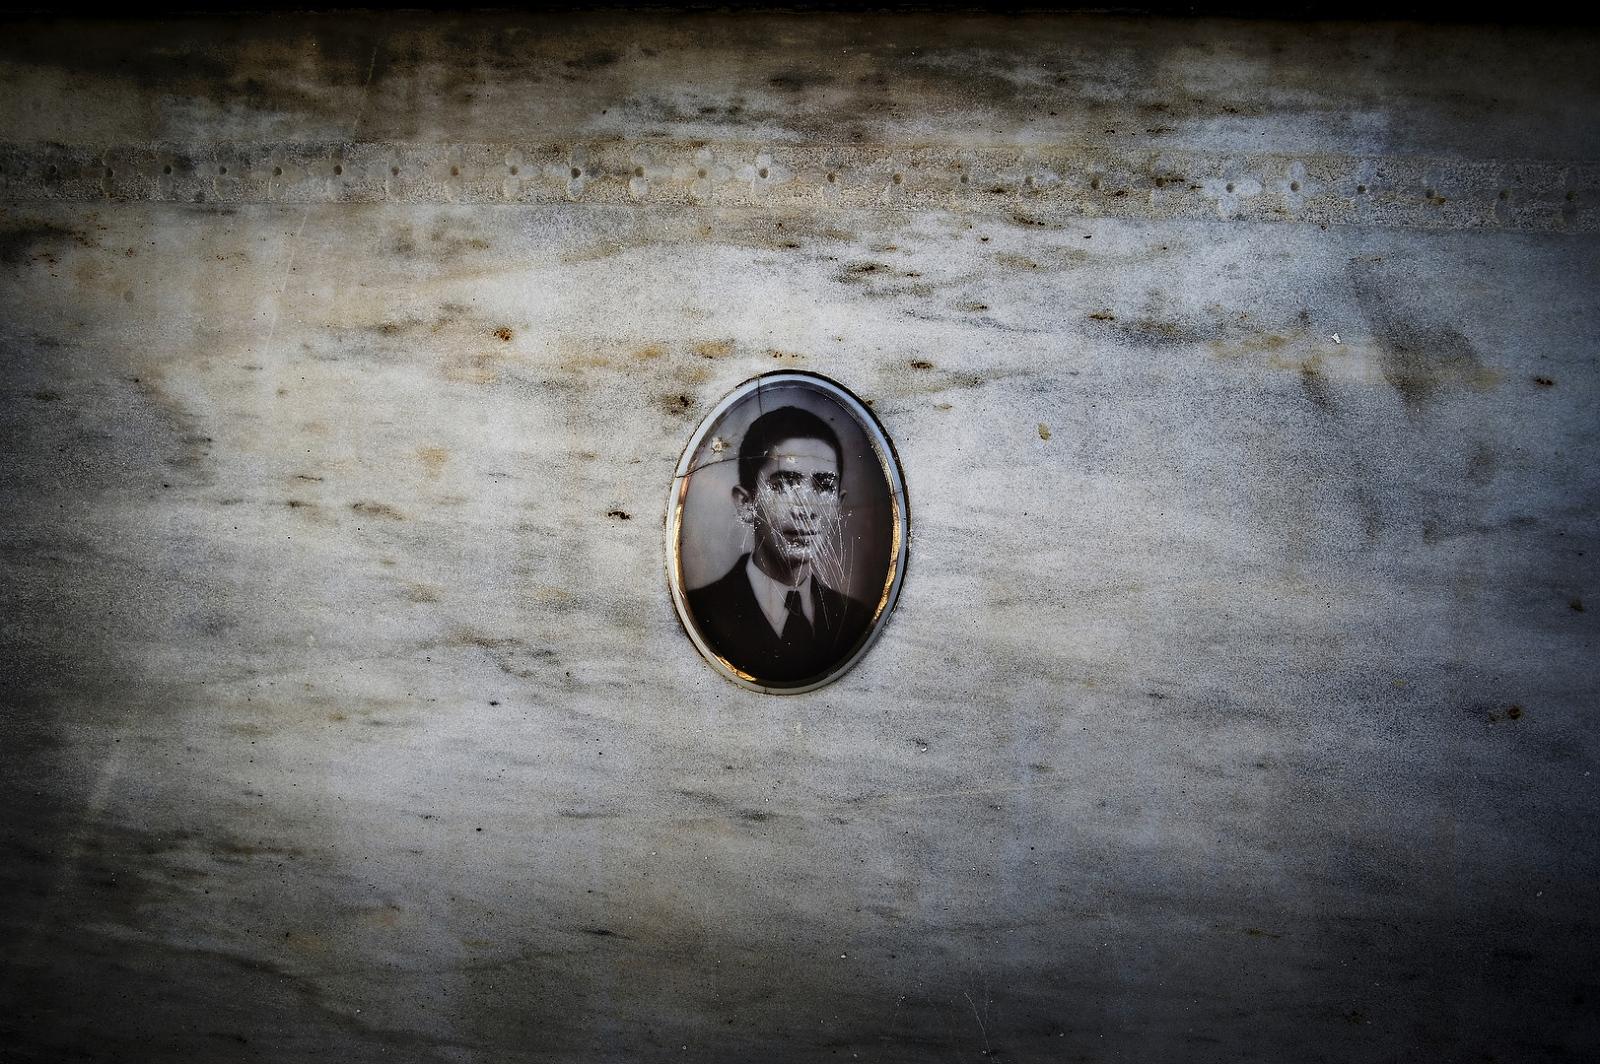 2009 - A Jewish gravestone in Jewish Cemetery of Fez, Morocco.